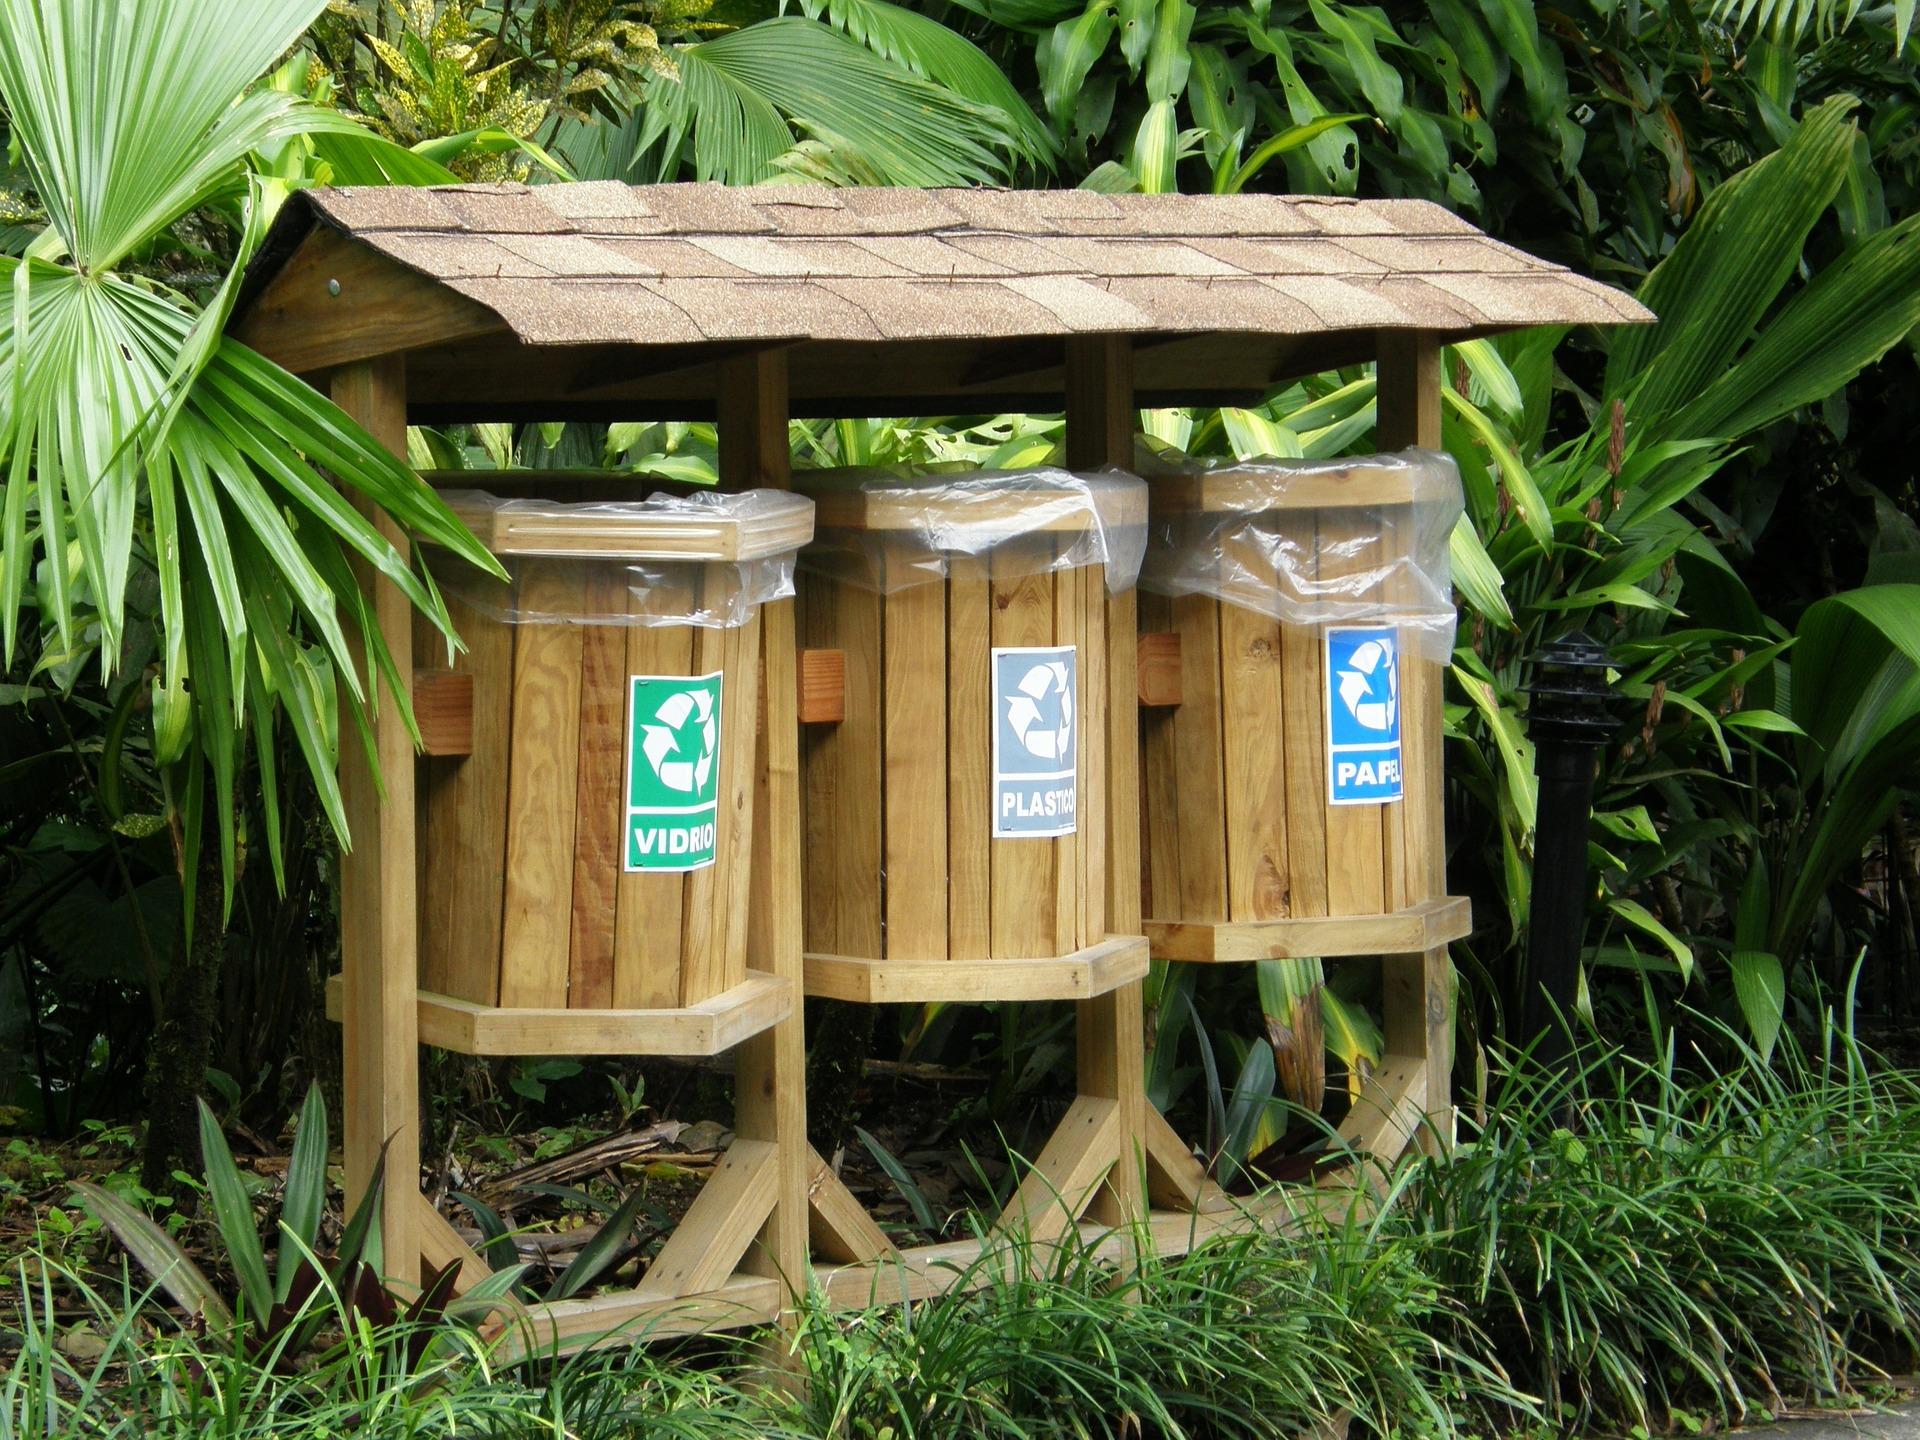 ¿Qué tipos de contenedores de reciclaje existen?